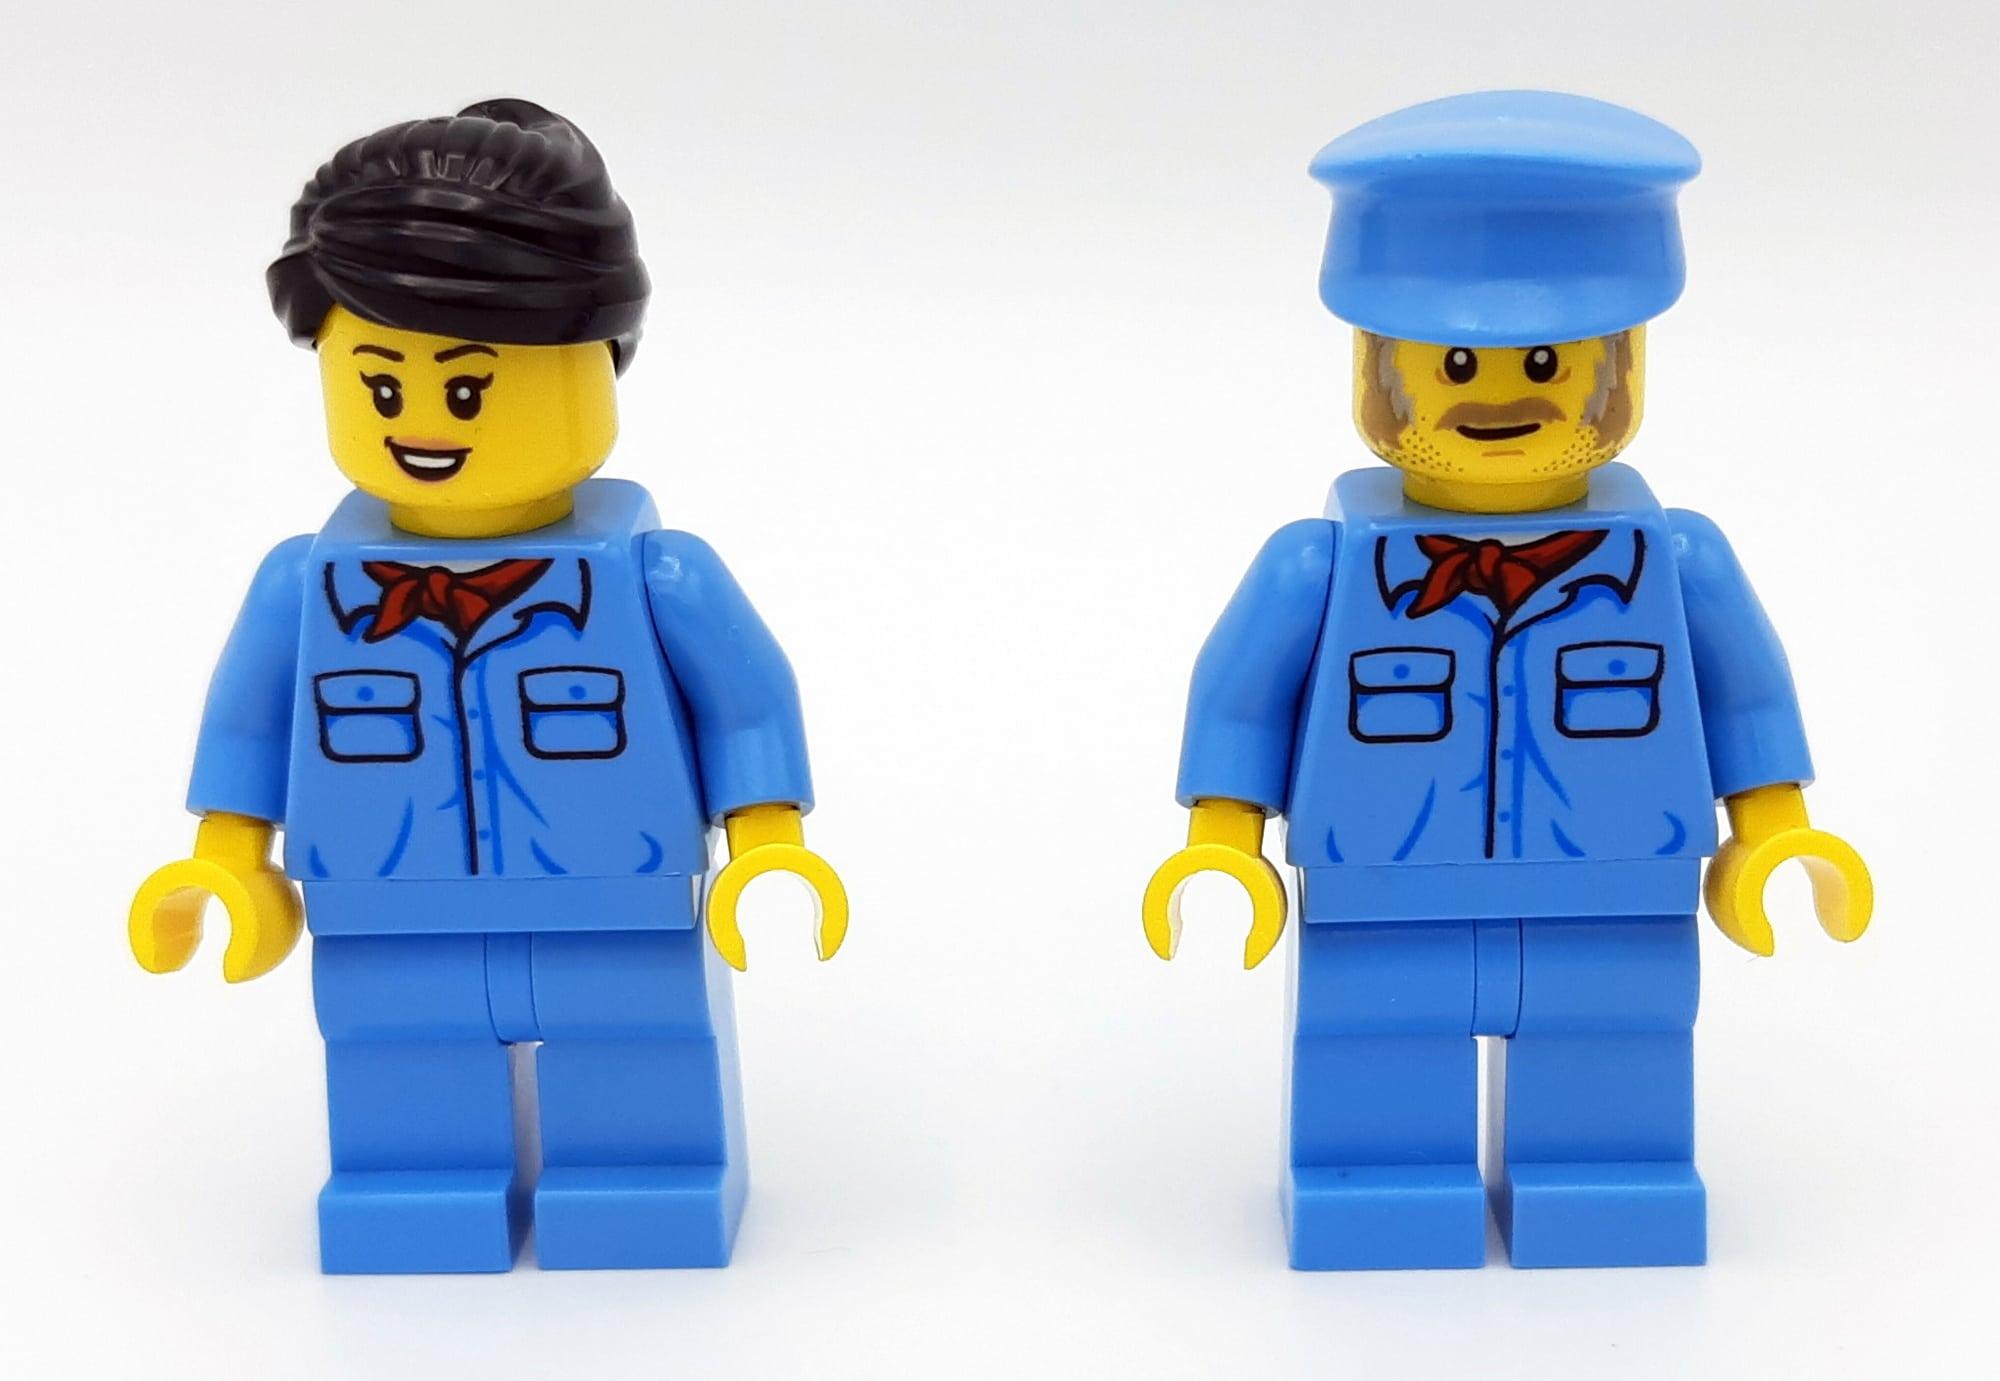 LEGO 10277 Krokodil Lokomotive - Minifiguren von vorne